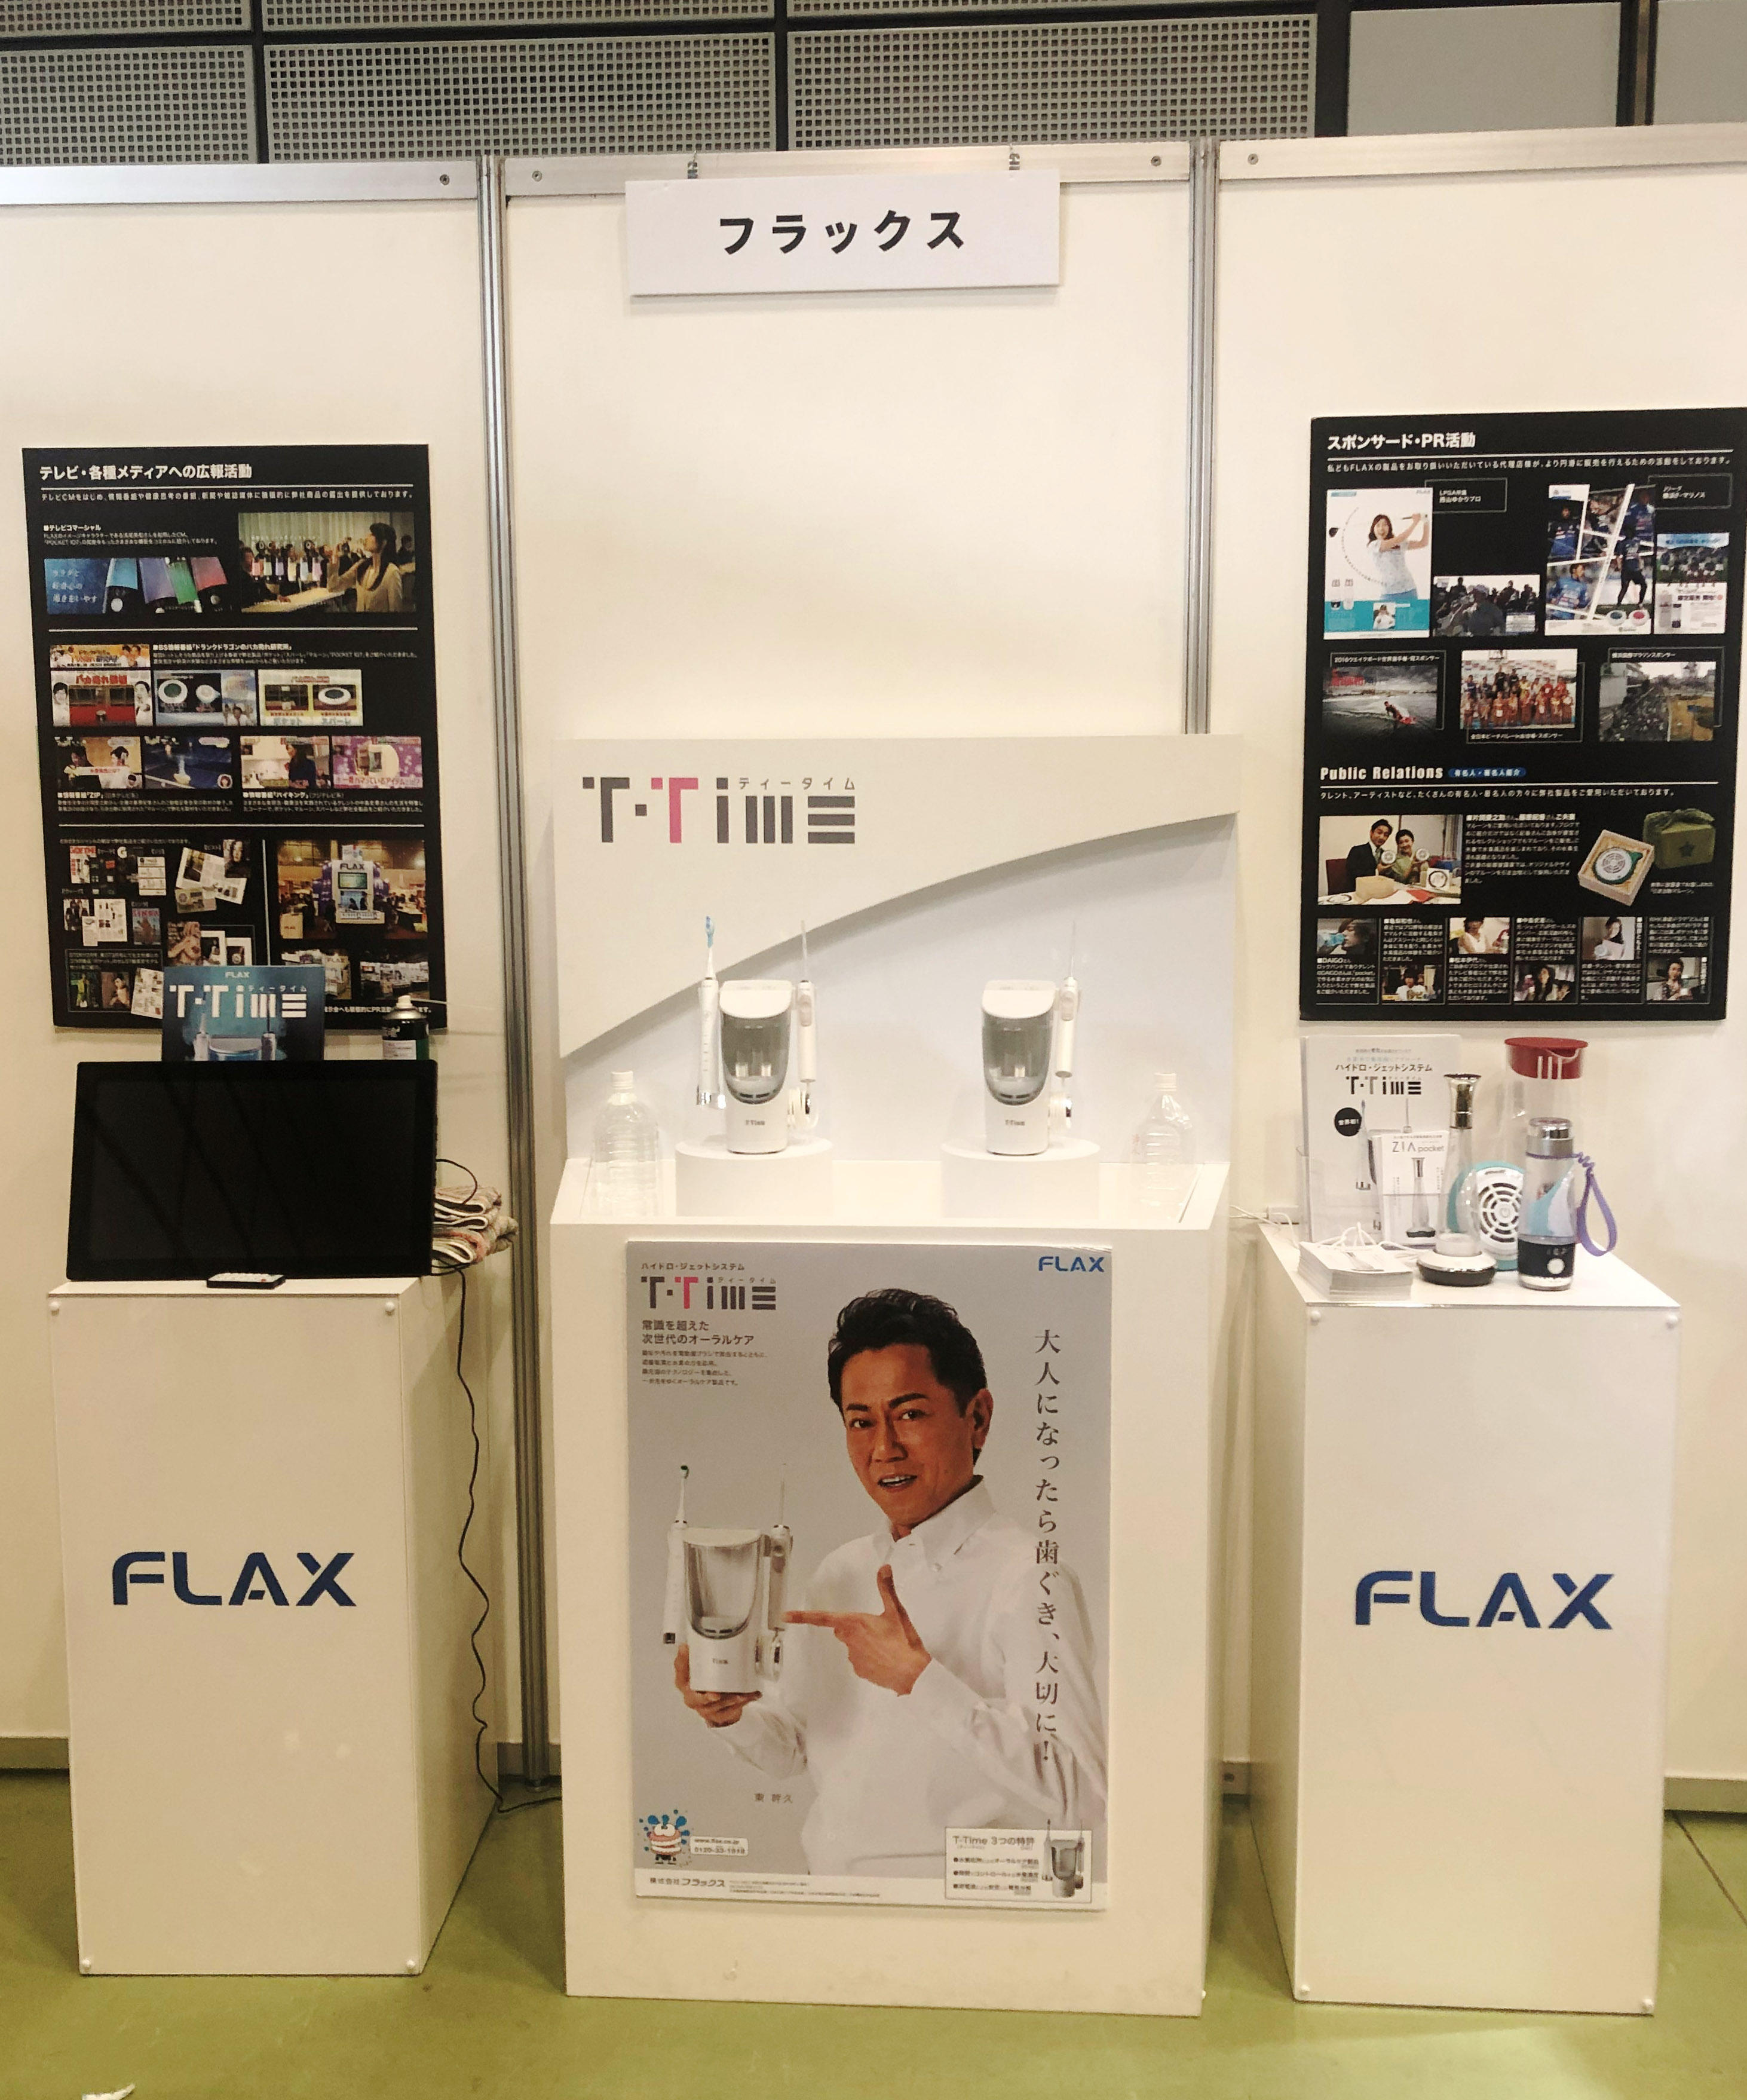 https://www.flax.co.jp/2019/11/27/faf7ec78de60f7de69461de674a7d4c7b87469fe.jpg